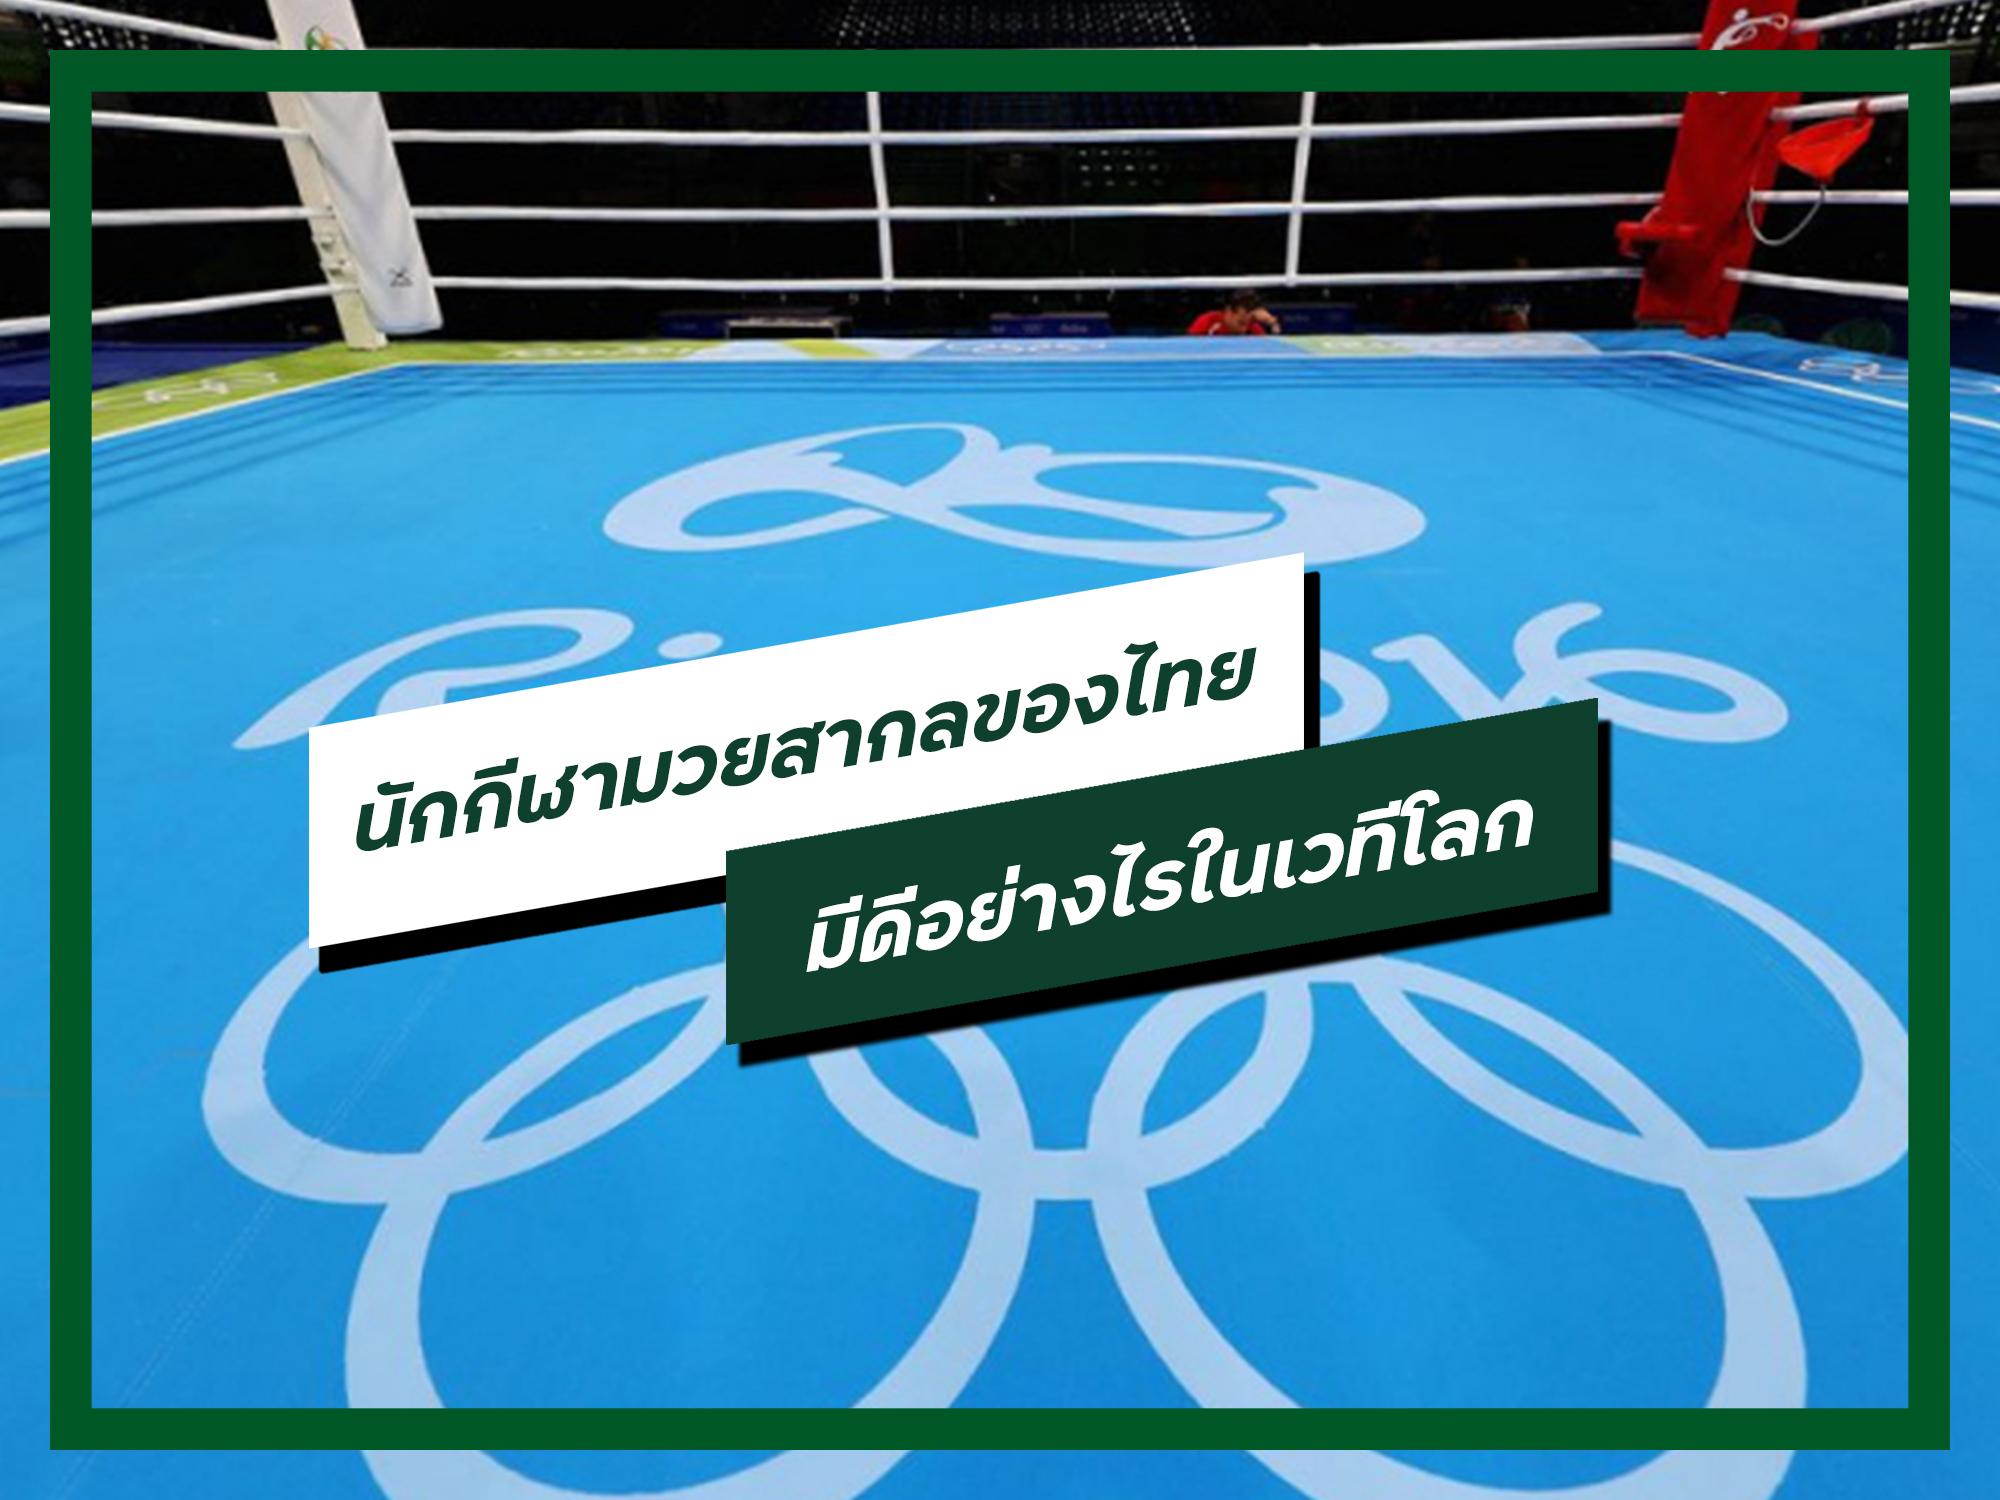 นักกีฬามวยสากล ของไทย มีดีอย่างไรในเวทีโลก